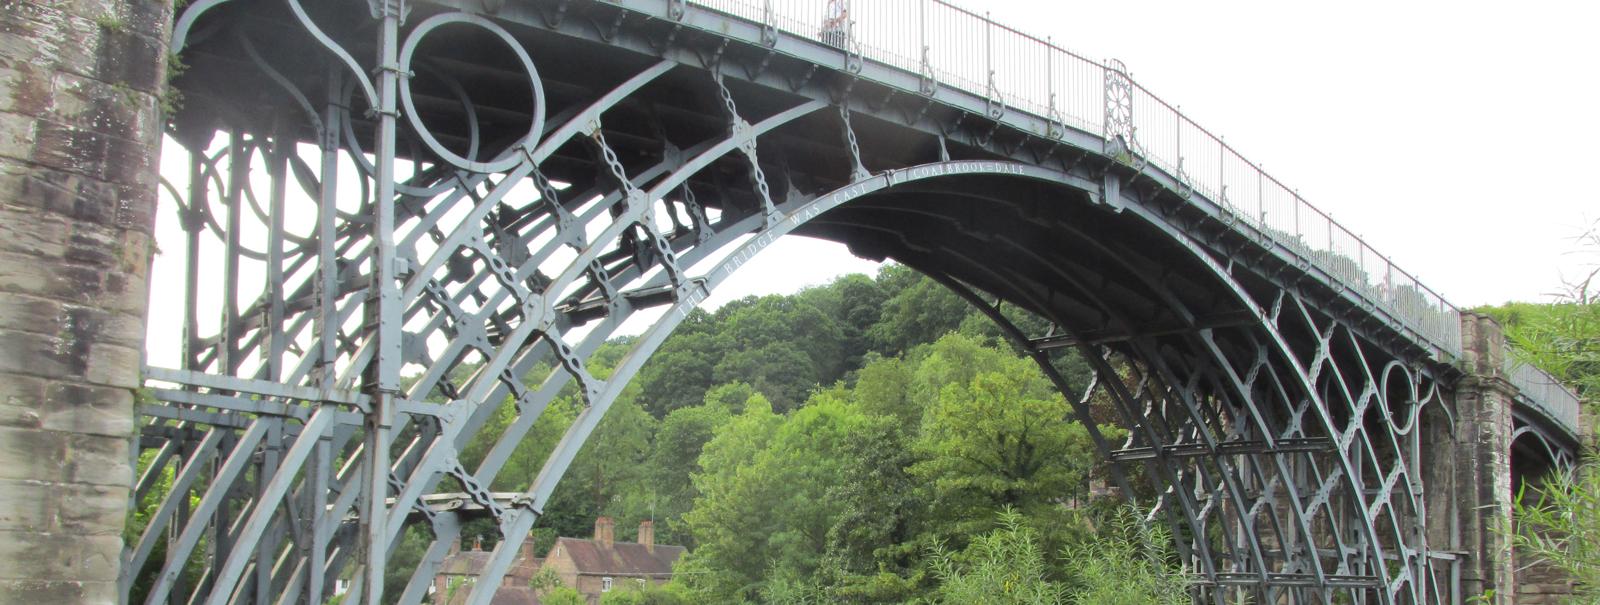 The Iron Bridge, Telford